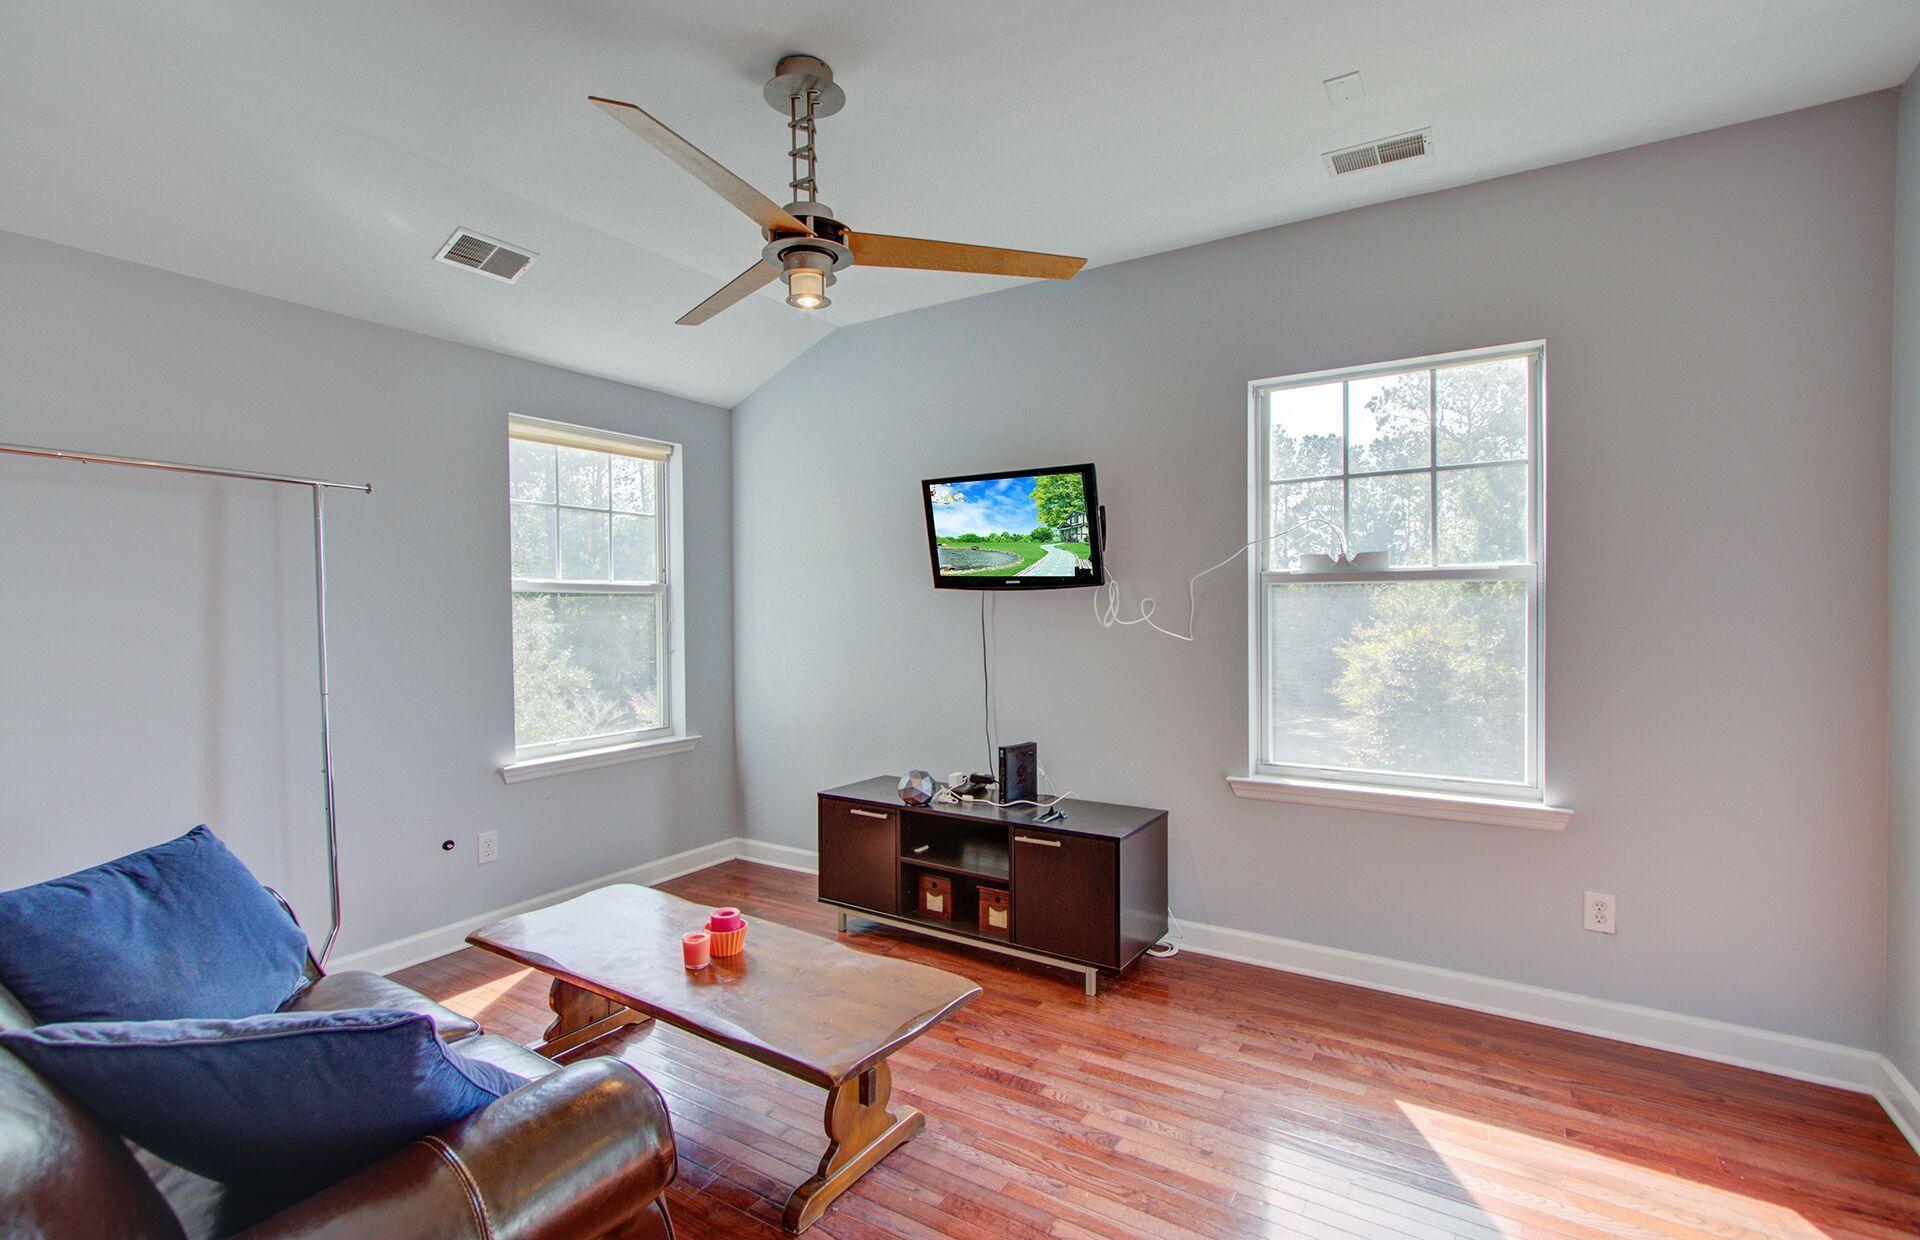 Dunes West Homes For Sale - 100 Fair Sailing, Mount Pleasant, SC - 23